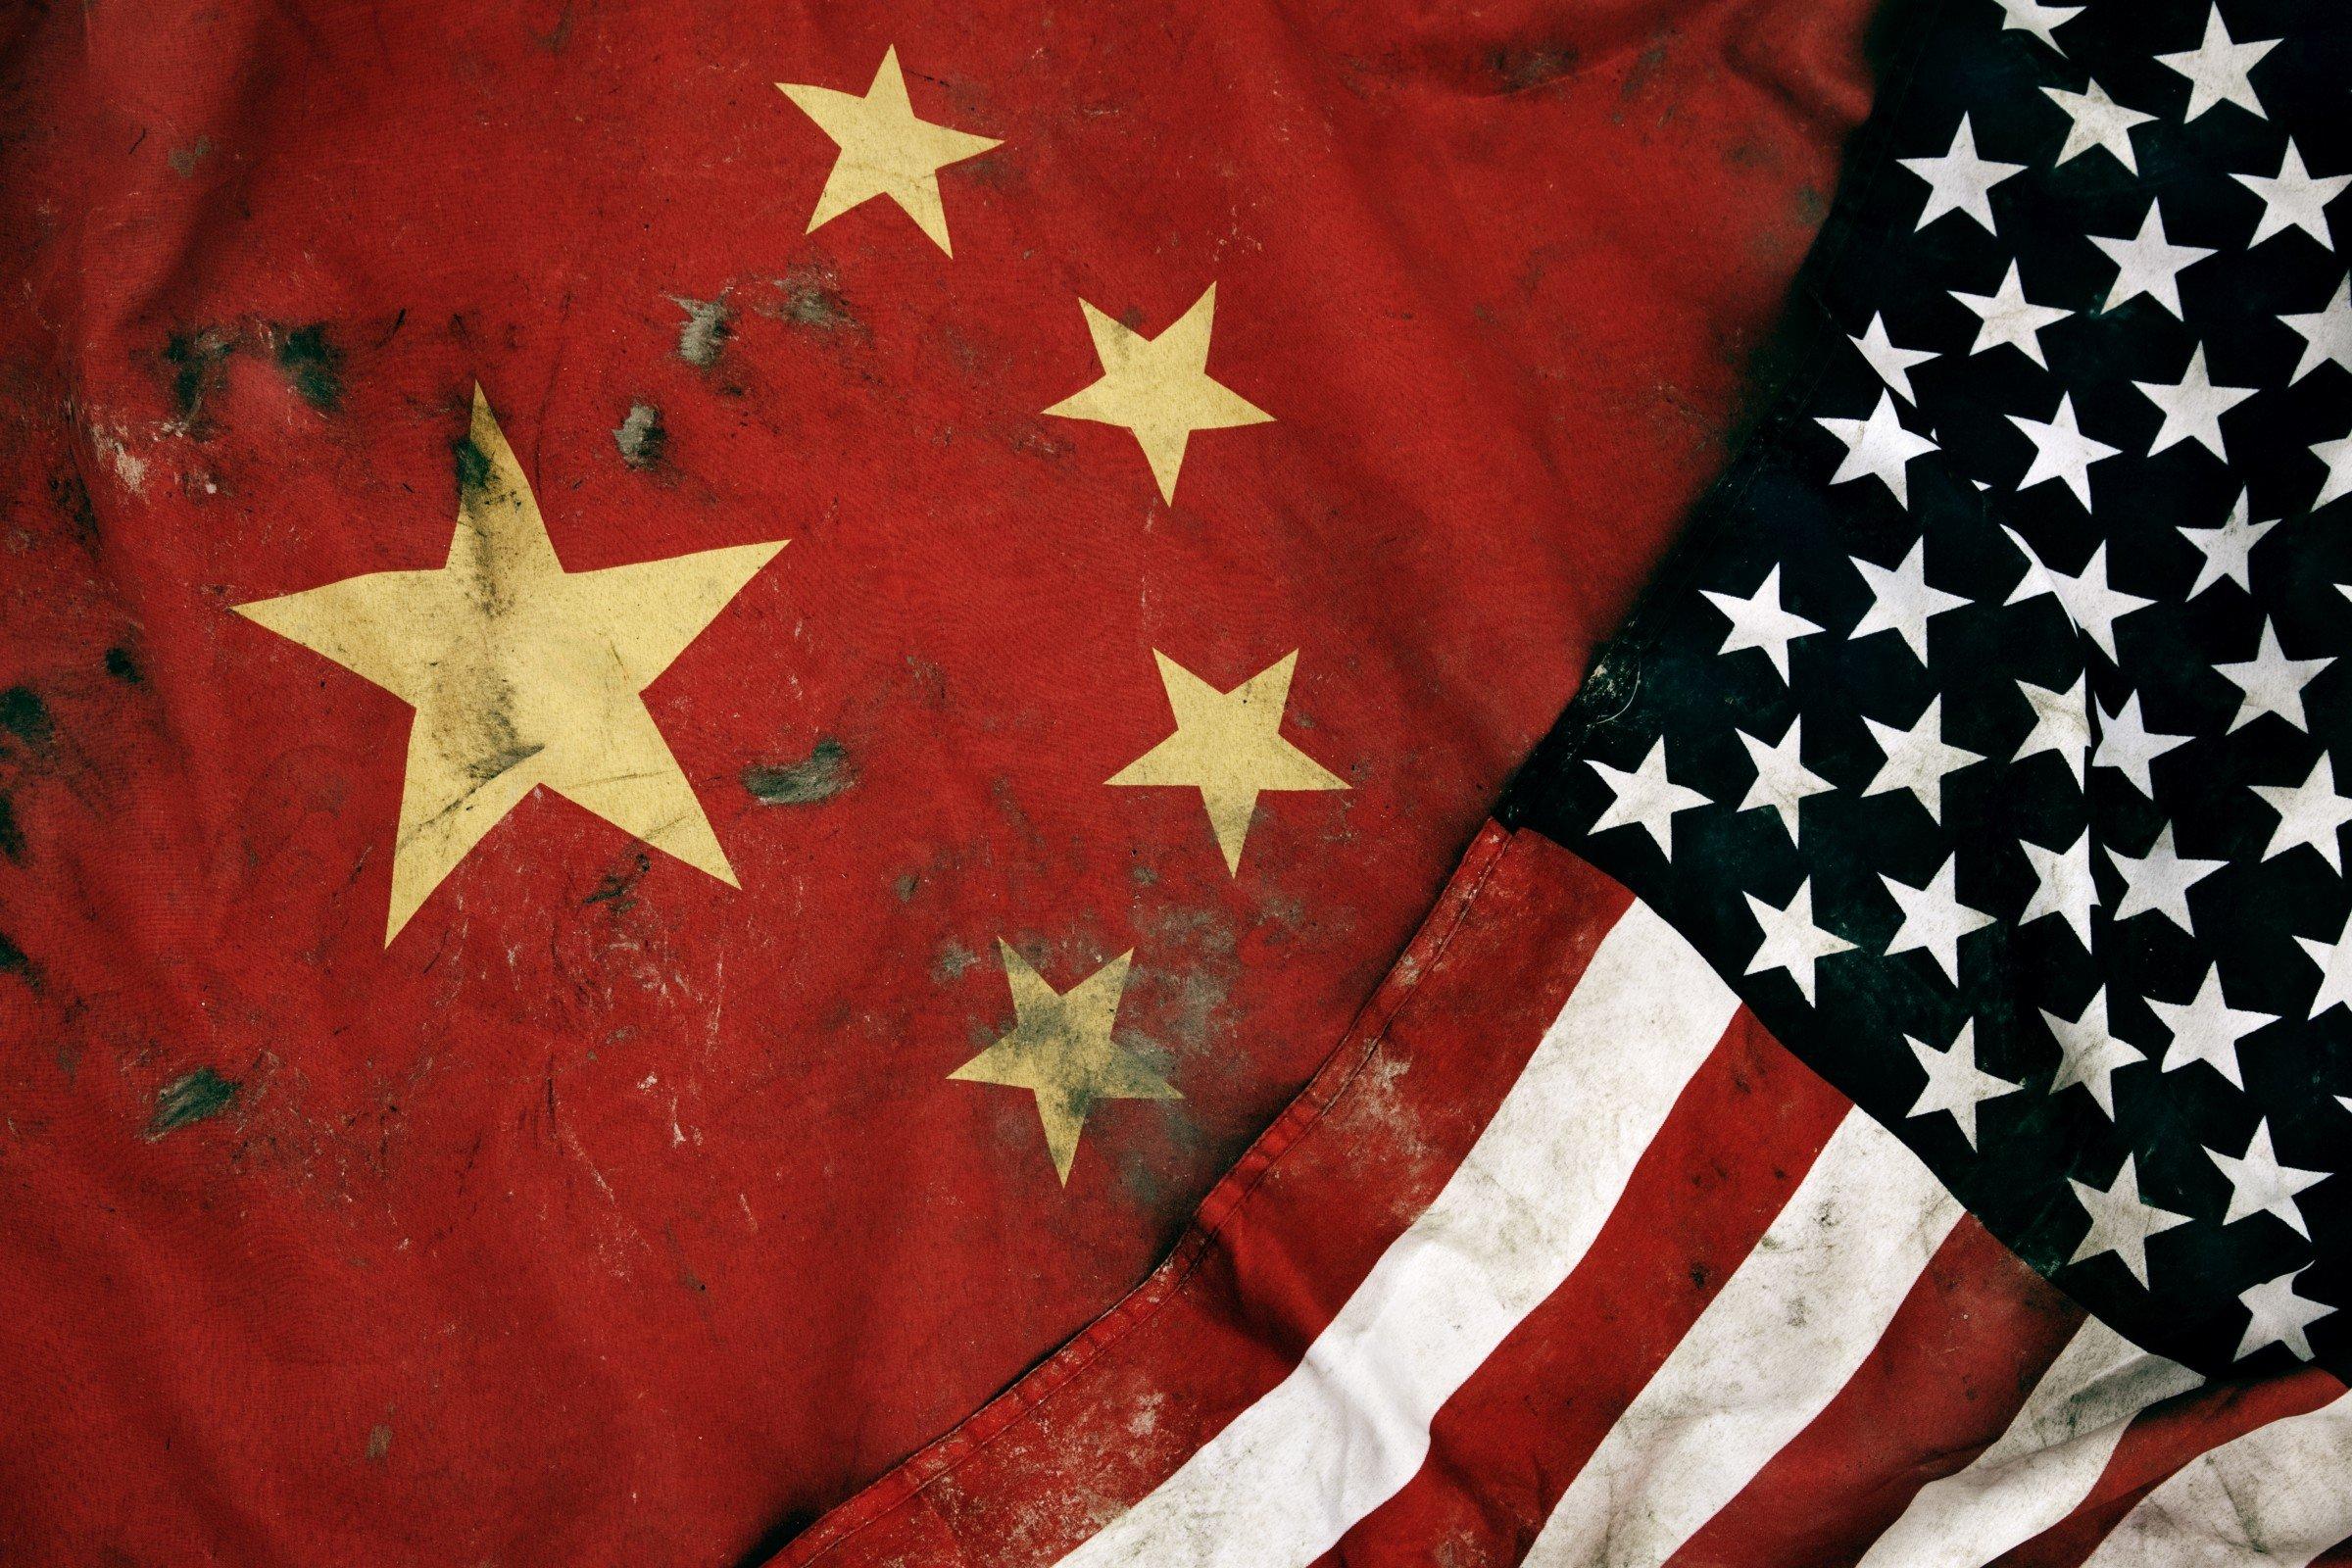 Storm Clouds ~ U.S. & China